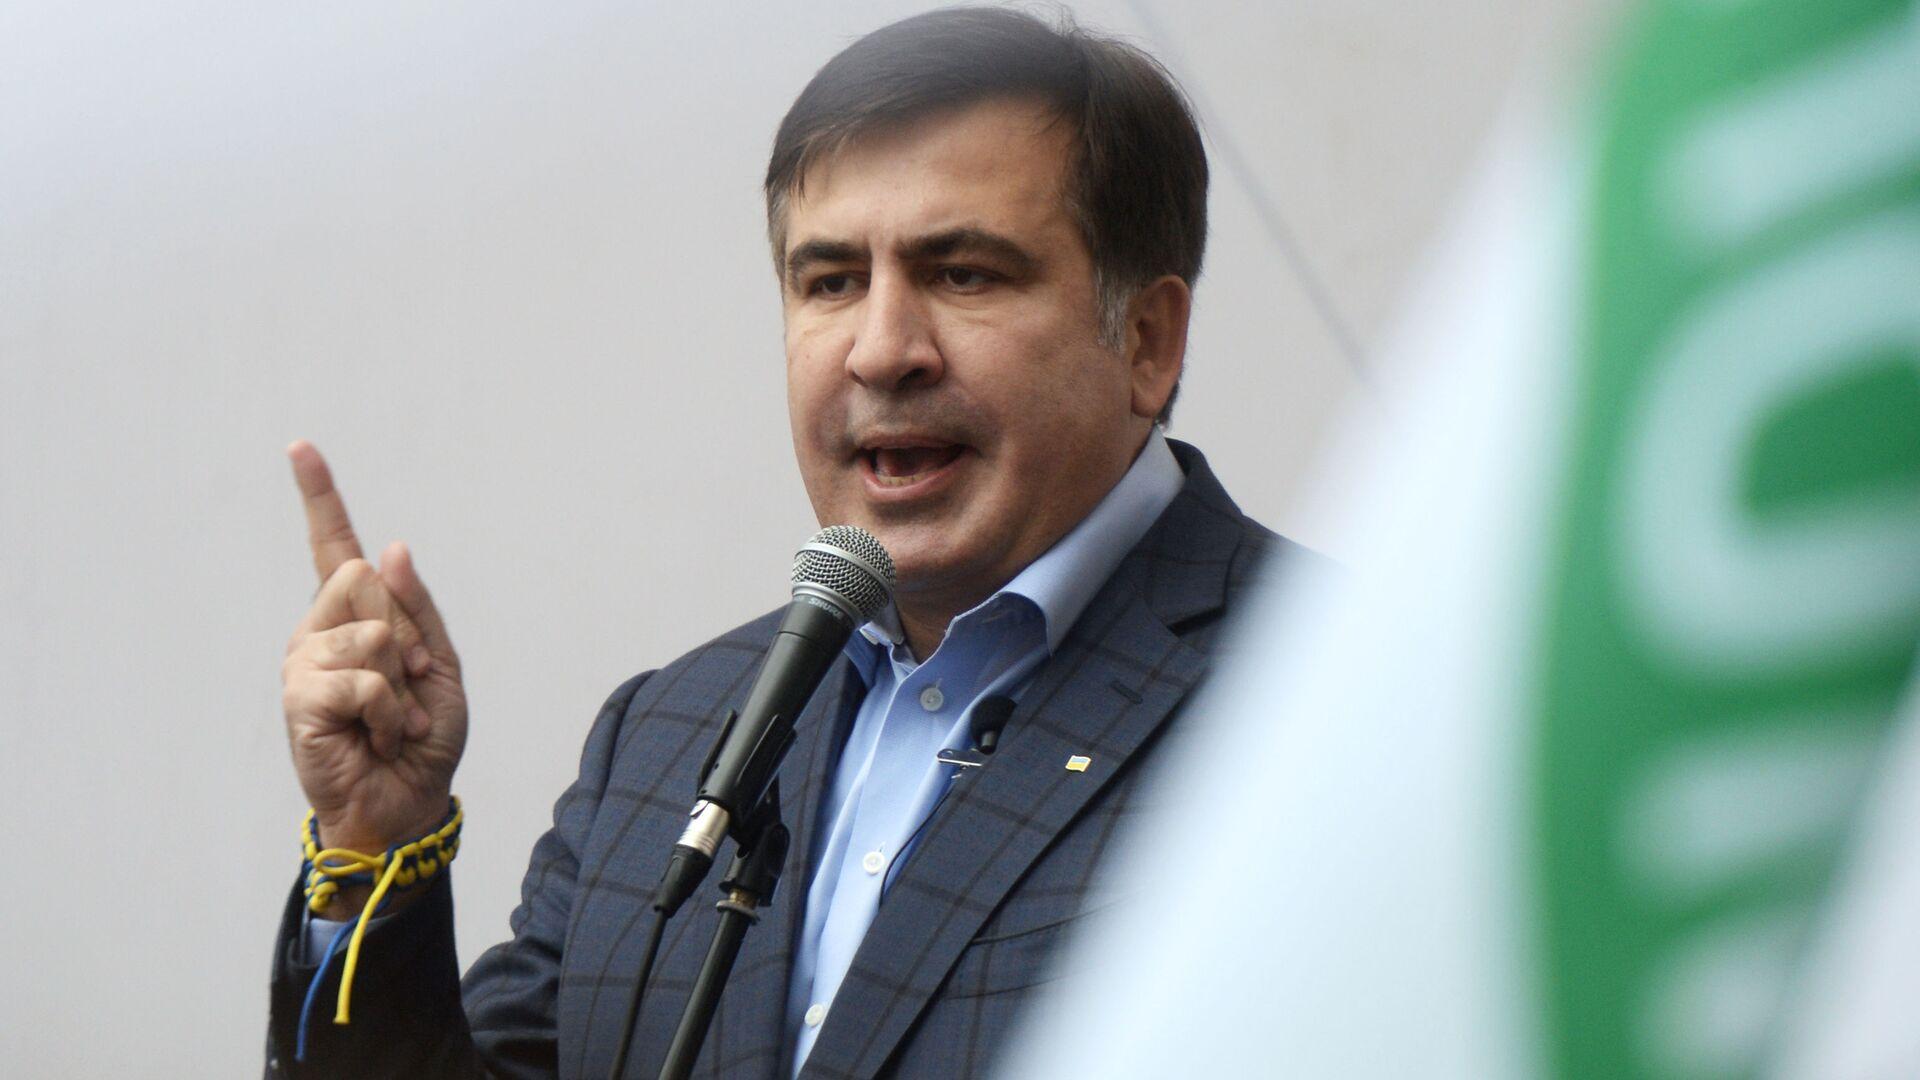 Бывший президент Грузии, экс-губернатор Одесской области Михаил Саакашвили выступает на акции в поддержку политической реформы в Киеве - Sputnik Грузия, 1920, 07.10.2021